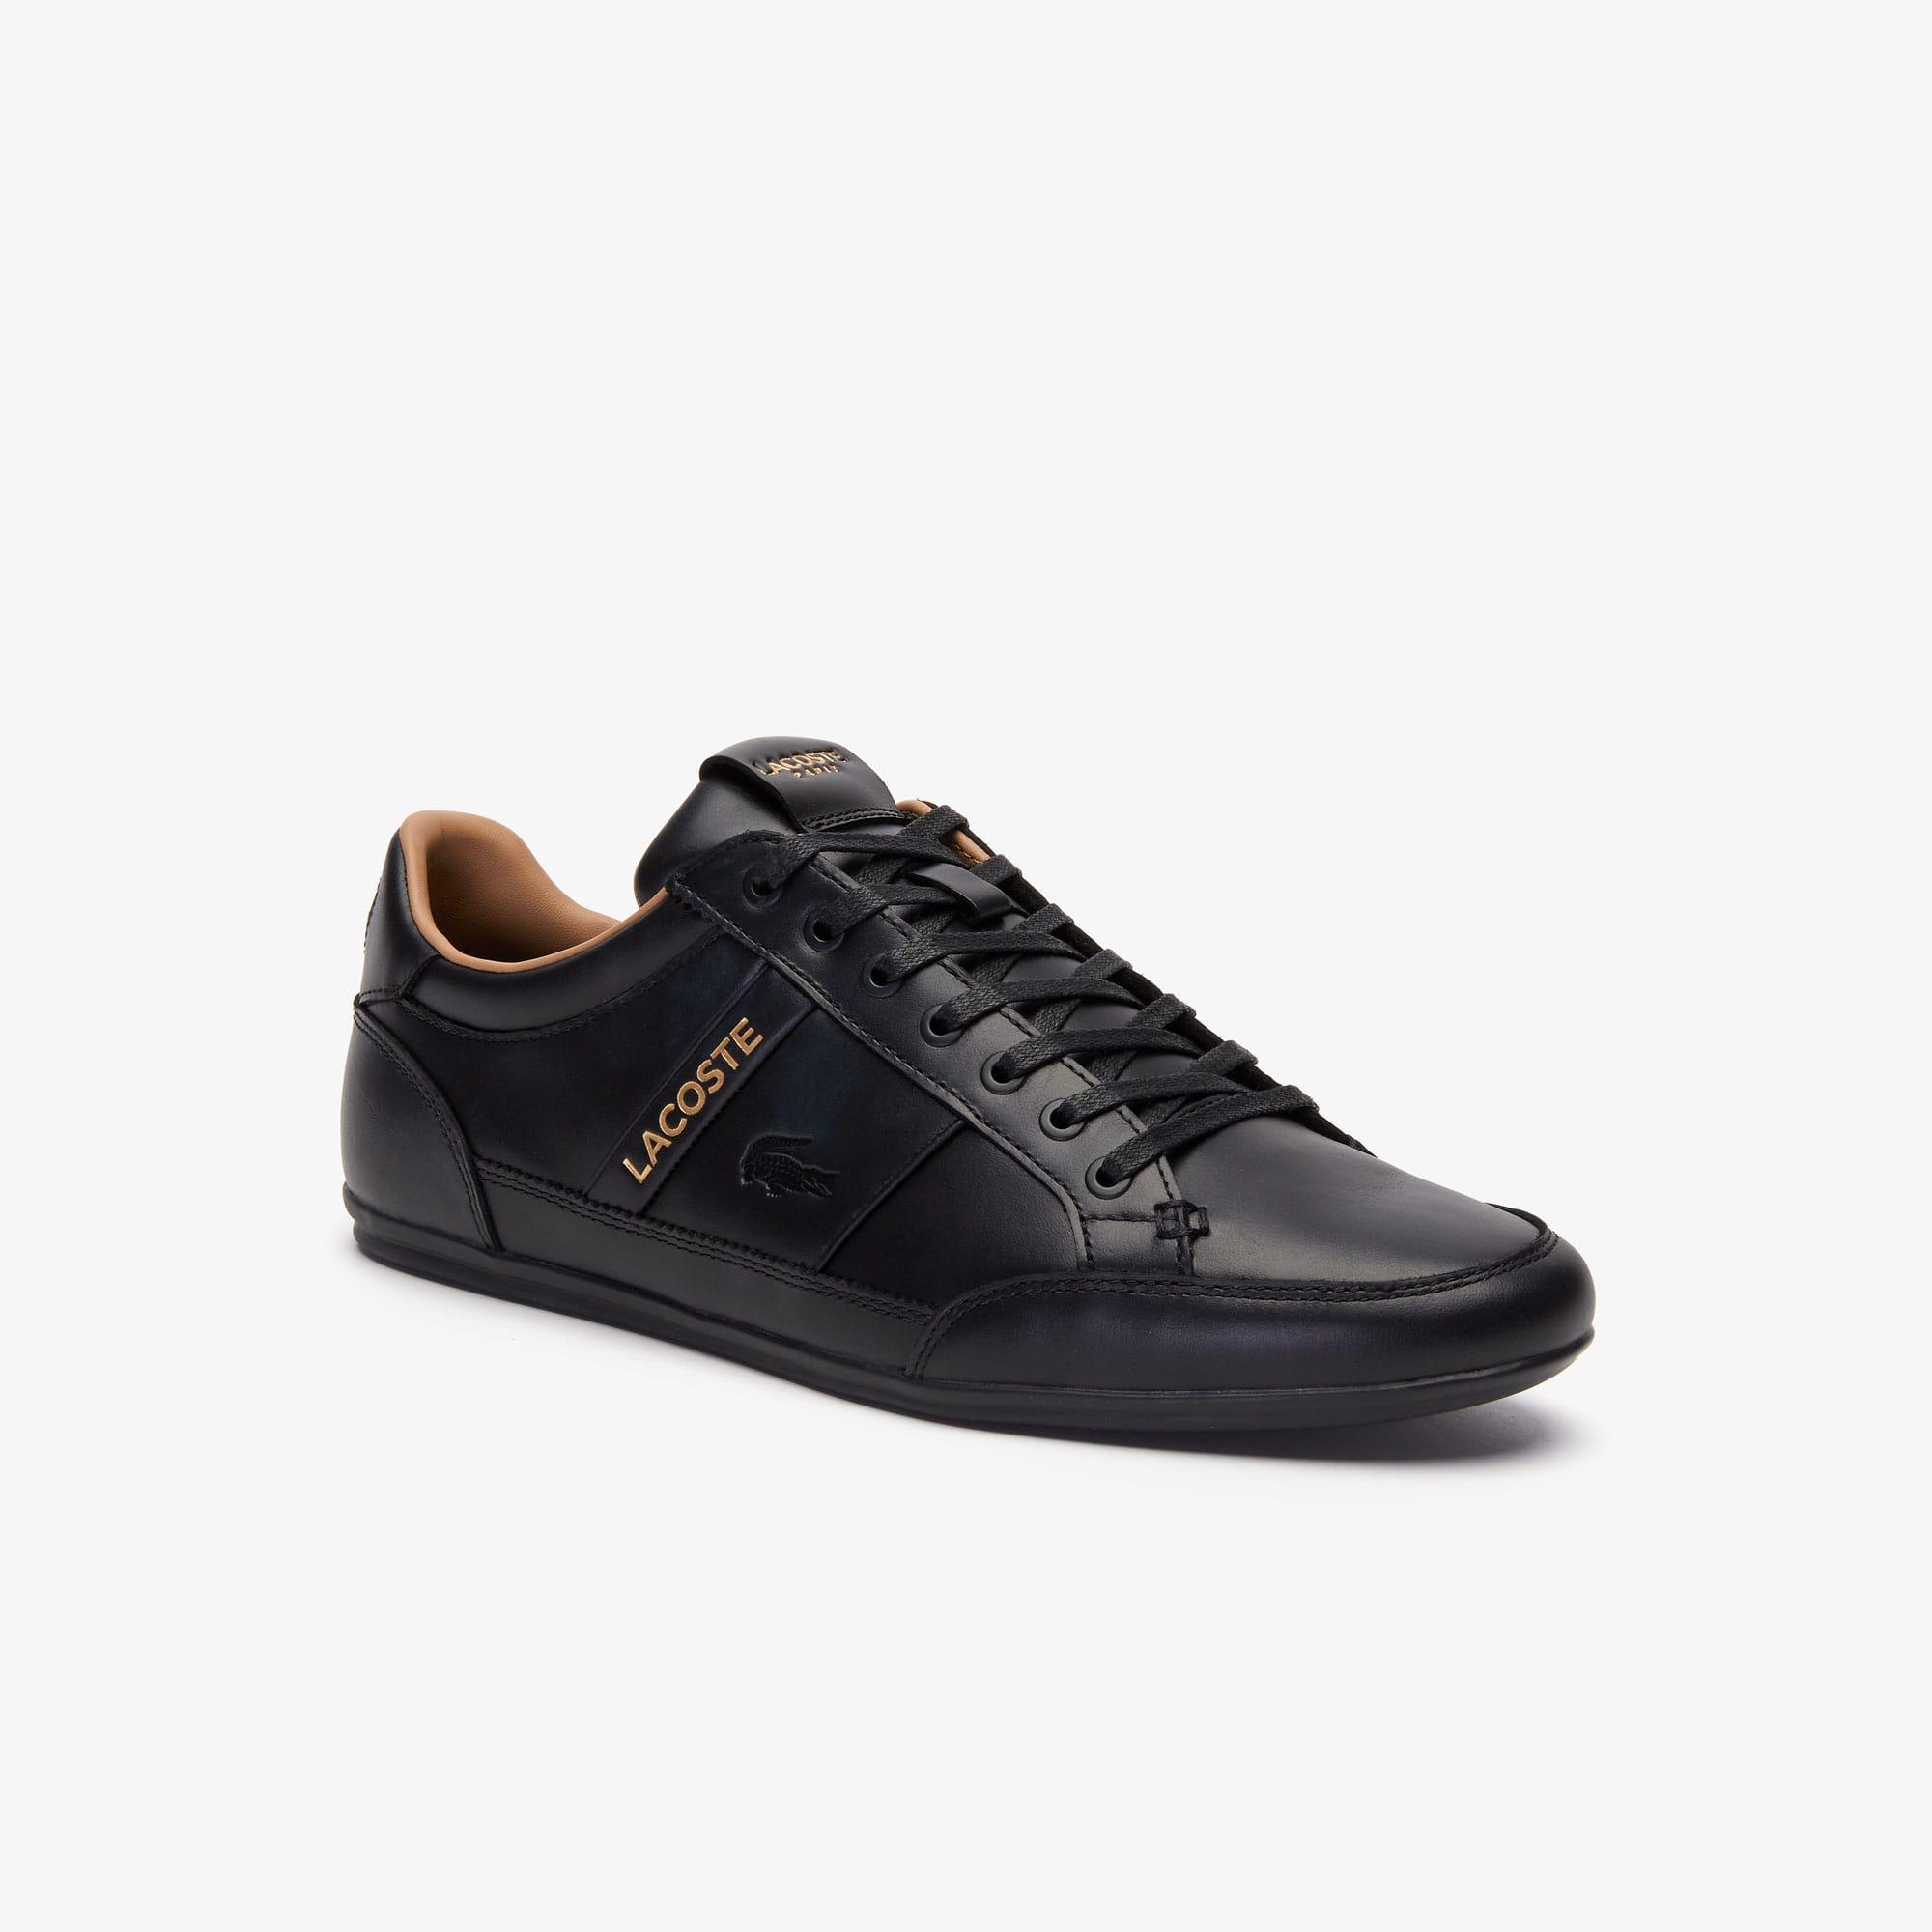 3fe9ce048a Men's Shoes | Shoes for Men | LACOSTE